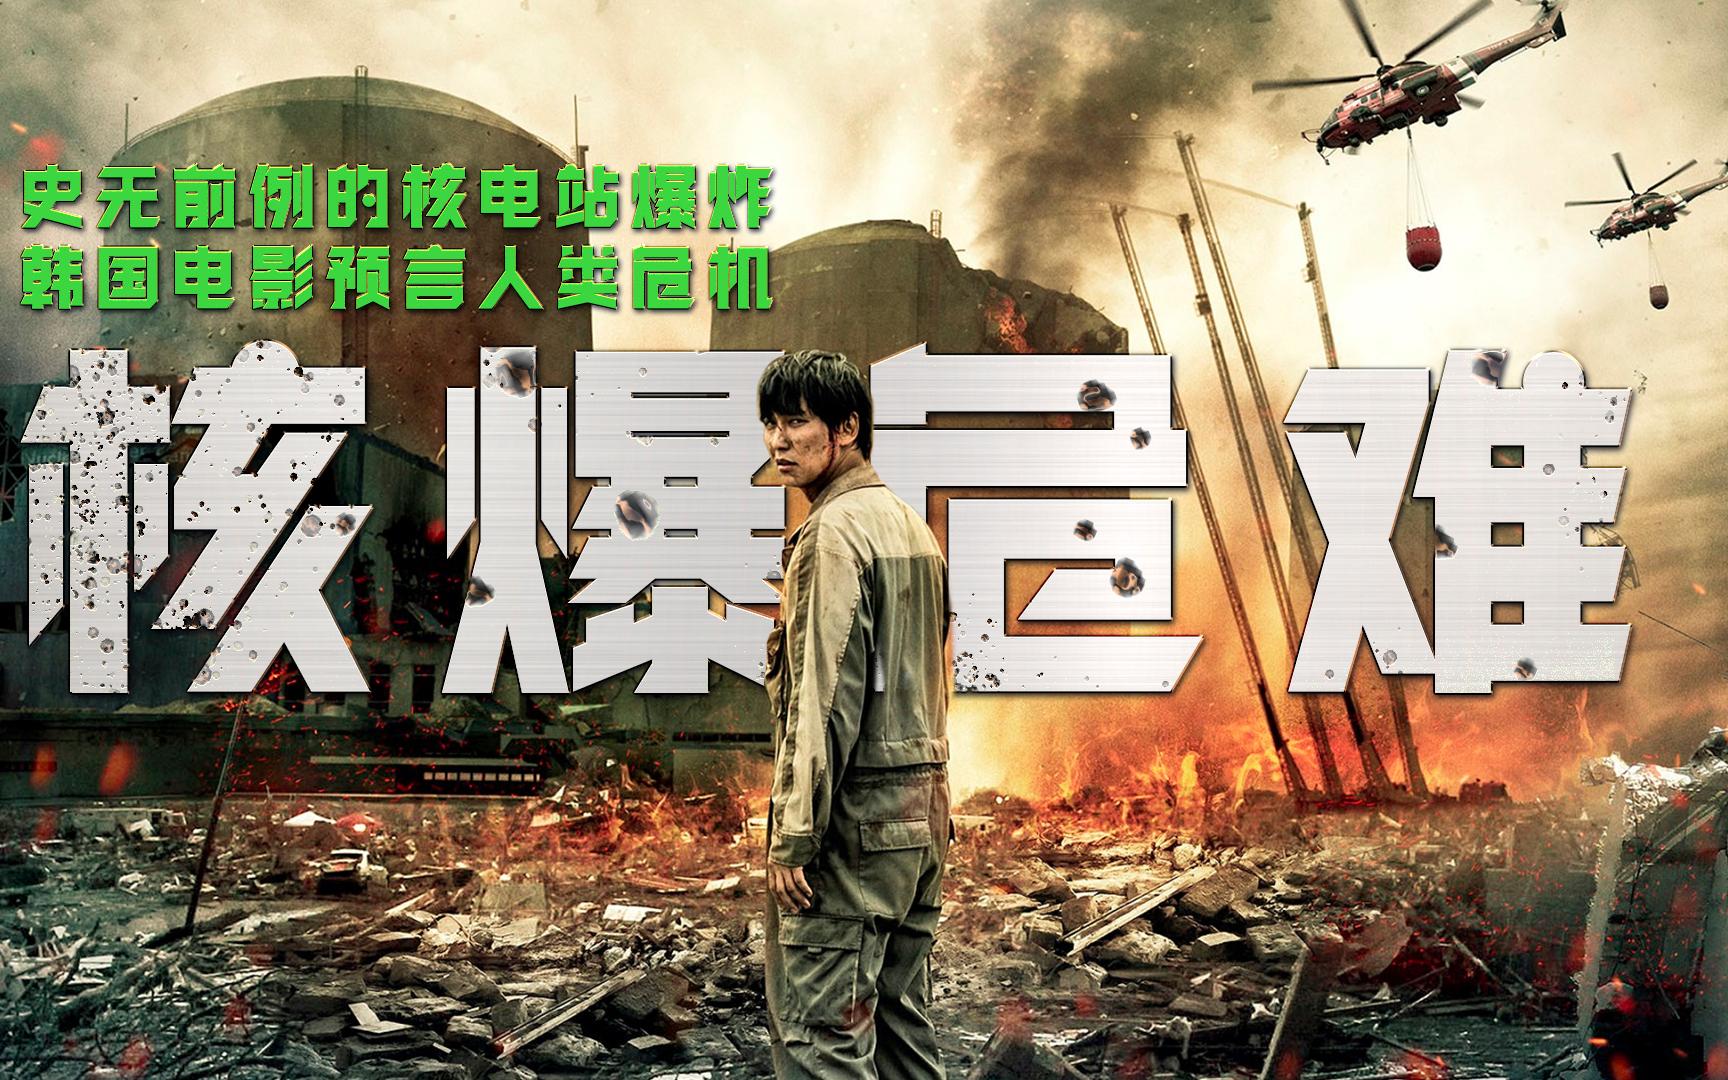 韩国太会拍这种片!核爆到底有多恐怖,天灾级的《潘多拉》告诉你